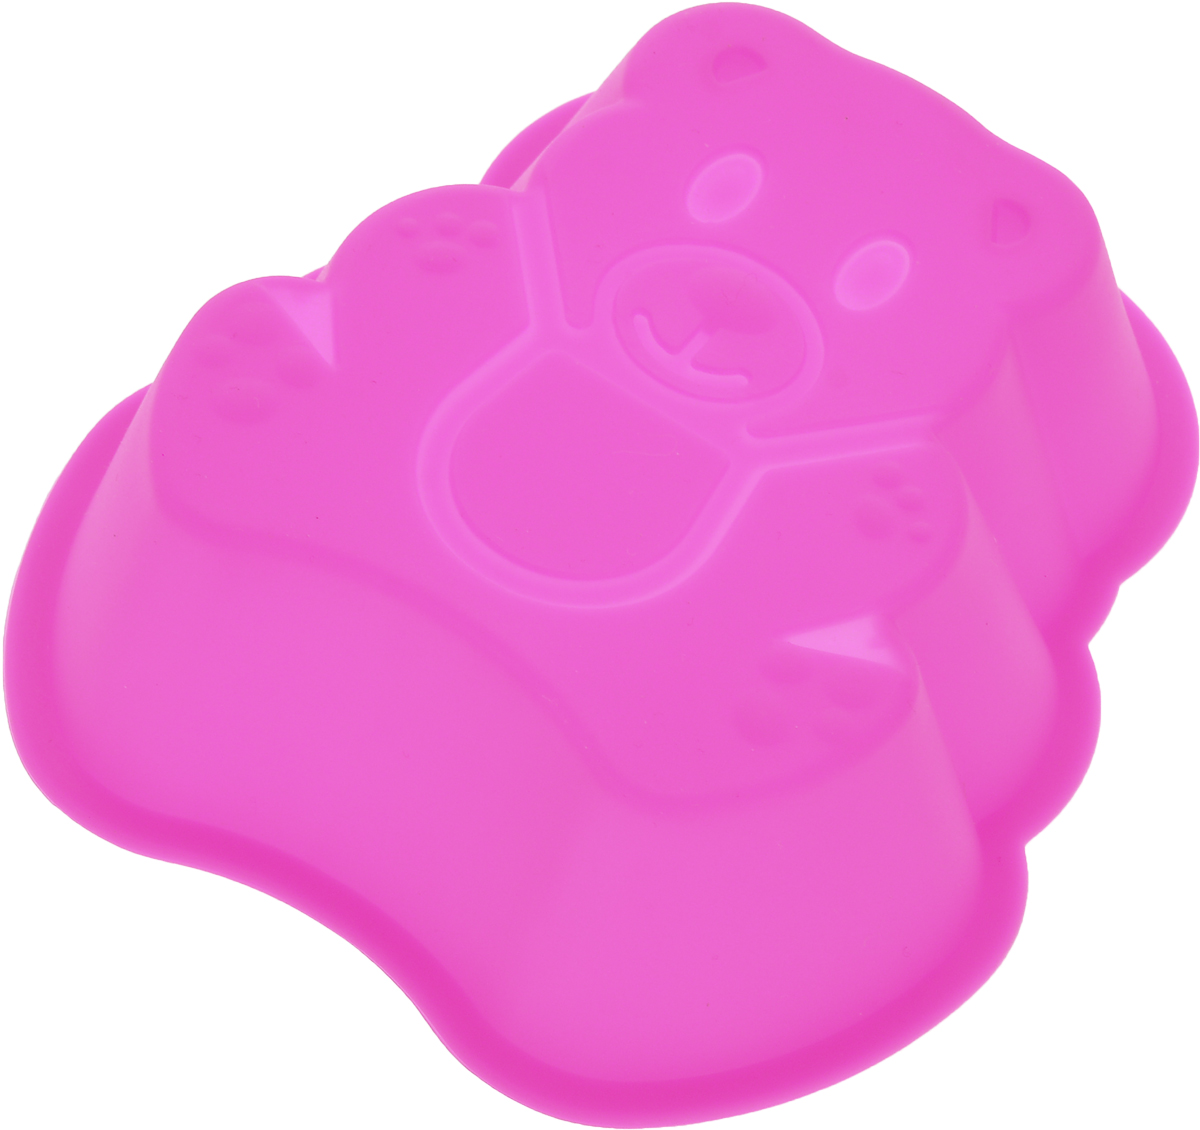 Форма для выпечки Доляна Мишка, силиконовая, цвет: розовый, 13,5 х 11,5 х 3,5 см1000365_розовыйФорма Доляна Мишка, выполненная из силикона, будет отличным выбором для всех любителей домашней выпечки. Силиконовые формы для выпечки имеют множество преимуществ по сравнению с традиционными металлическими формами и противнями. Нет необходимости смазывать форму маслом. Форма быстро нагревается, равномерно пропекает, не допускает подгорания выпечки с краев или снизу.Вынимать продукты из формы очень легко. Слегка выверните края формы или оттяните в сторону, и ваша выпечка легко выскользнет из формы.Материал устойчив к фруктовым кислотам, не ржавеет, на нем не образуются пятна.Форма может быть использована в духовках и микроволновых печах (выдерживает температуру от -40°С до +250°С), также ее можно помещать в морозильную камеру и холодильник. Можно мыть в посудомоечной машине.Размер формы: 13,5 х 11,5 х 3,5 см.